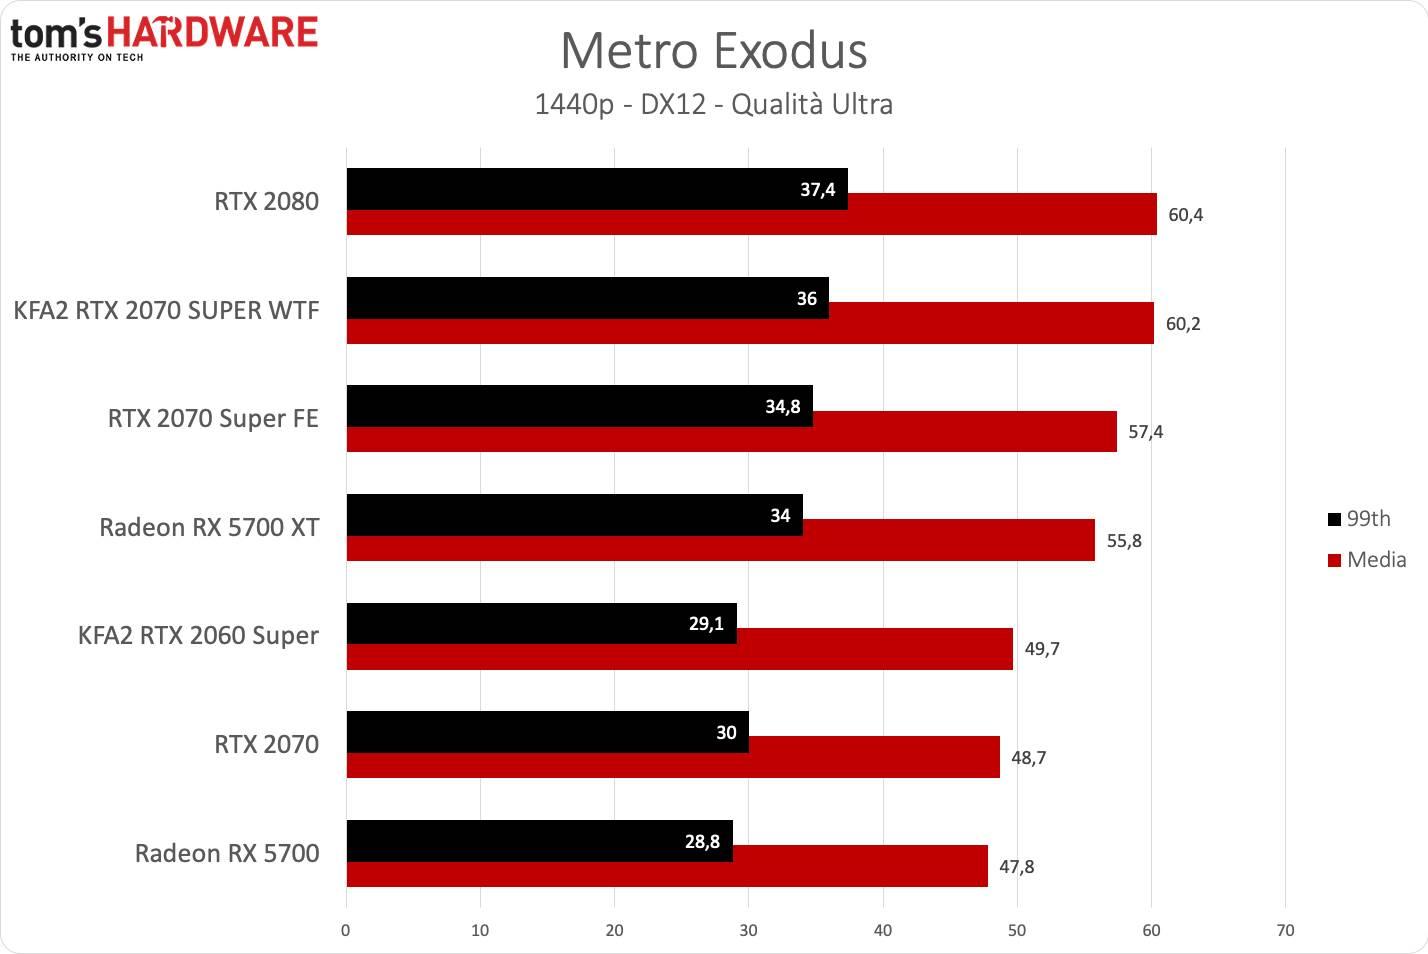 KFA2 RTX 2070 SUPER WTF - Metro QHD